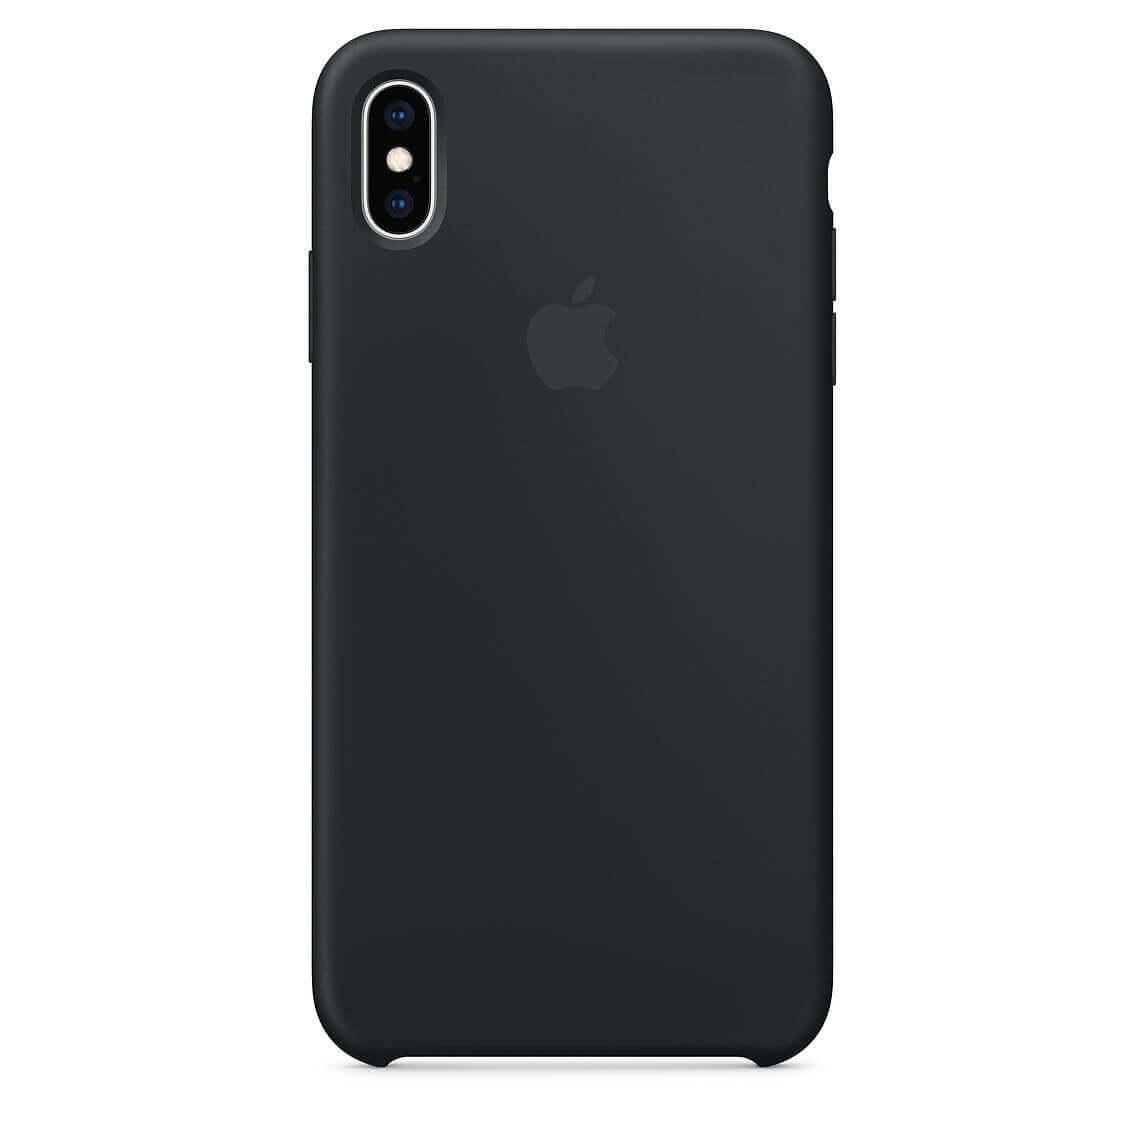 Apple Silicone Case — оригинален силиконов кейс за iPhone XS (черен) (bulk) - 1